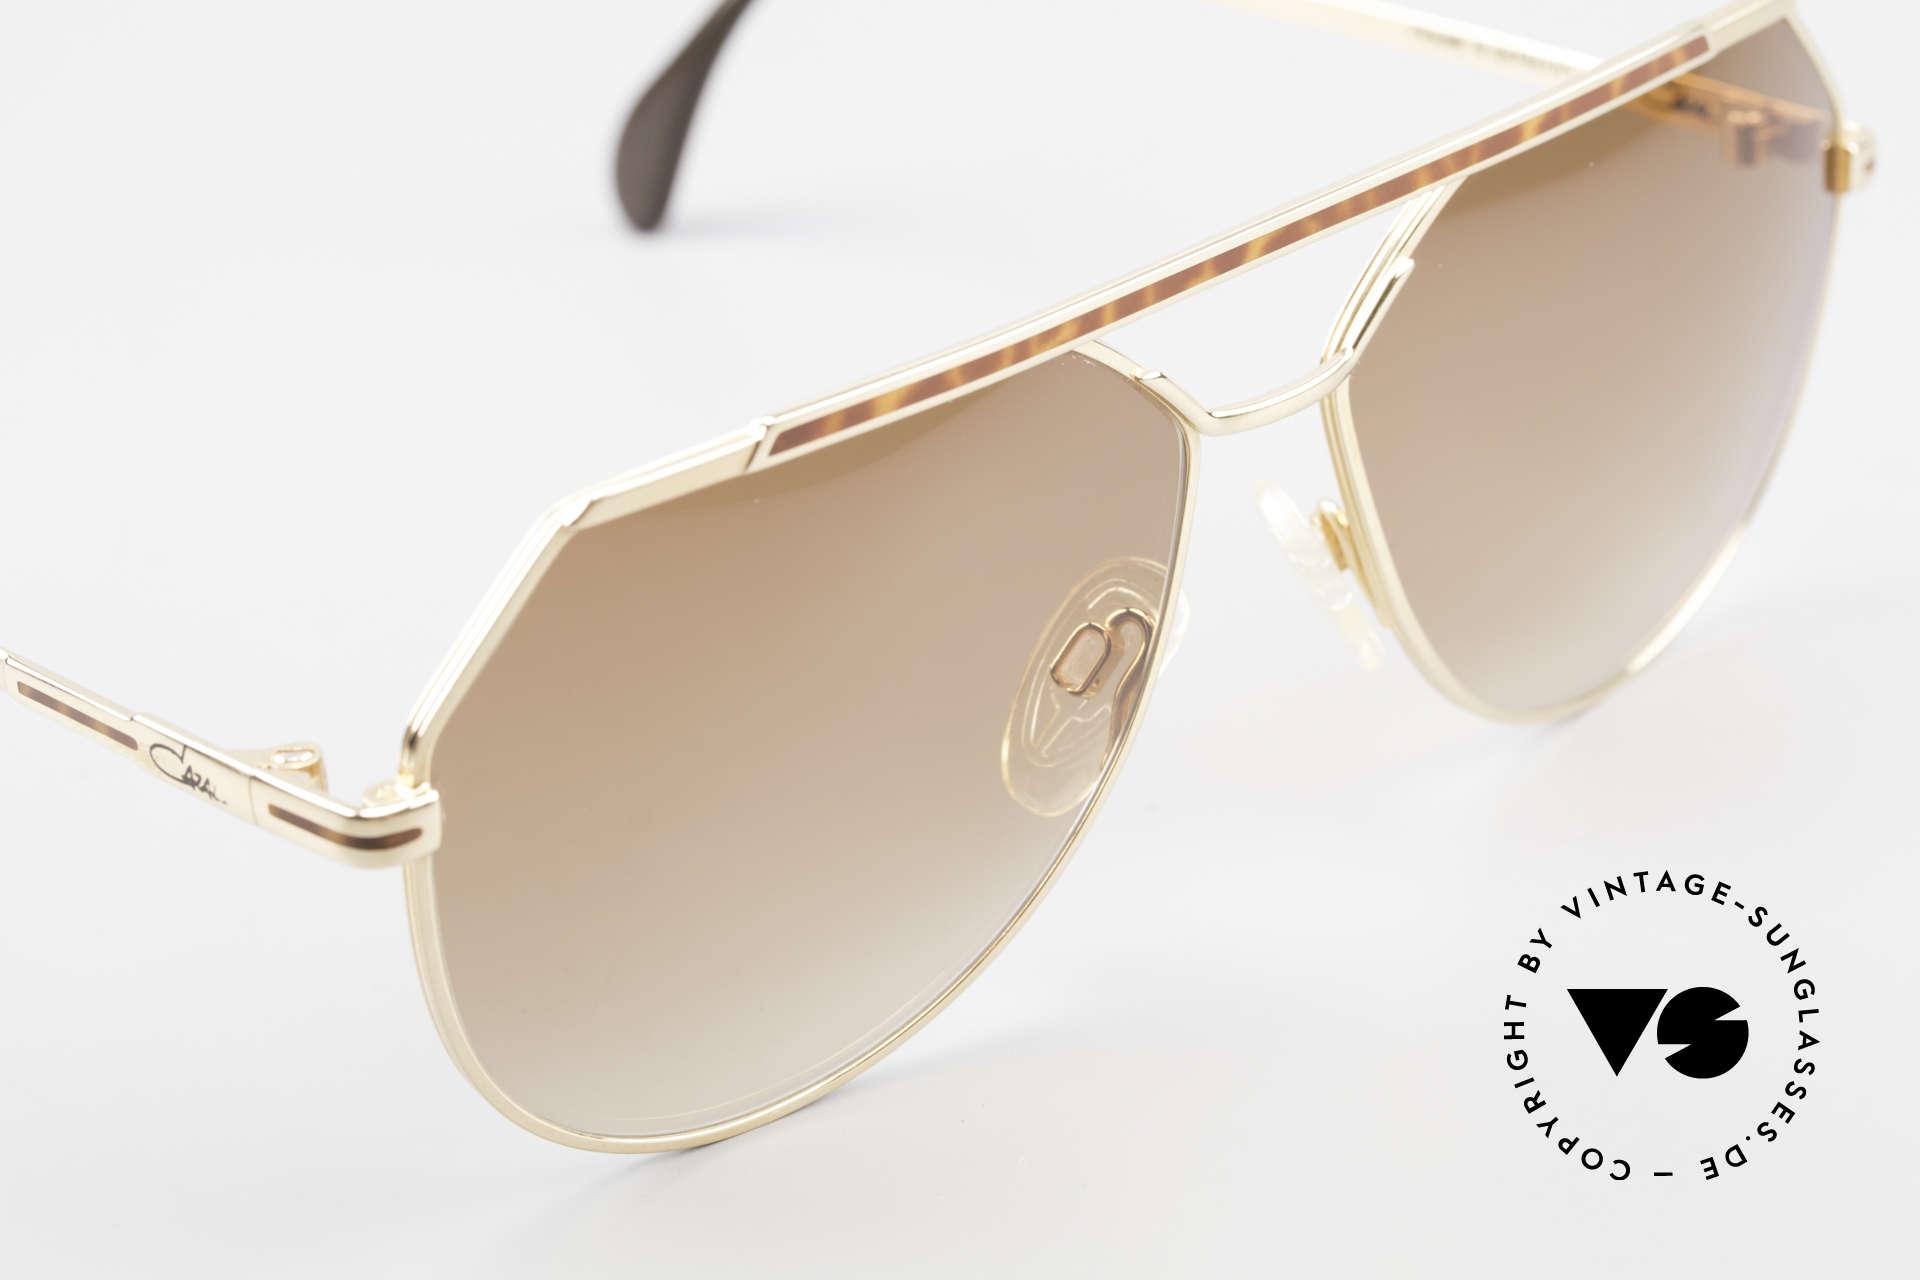 Cazal 733 80's Men's Aviator Sunglasses, NO RETRO shades, but an old 'W.Germany' original, Made for Men